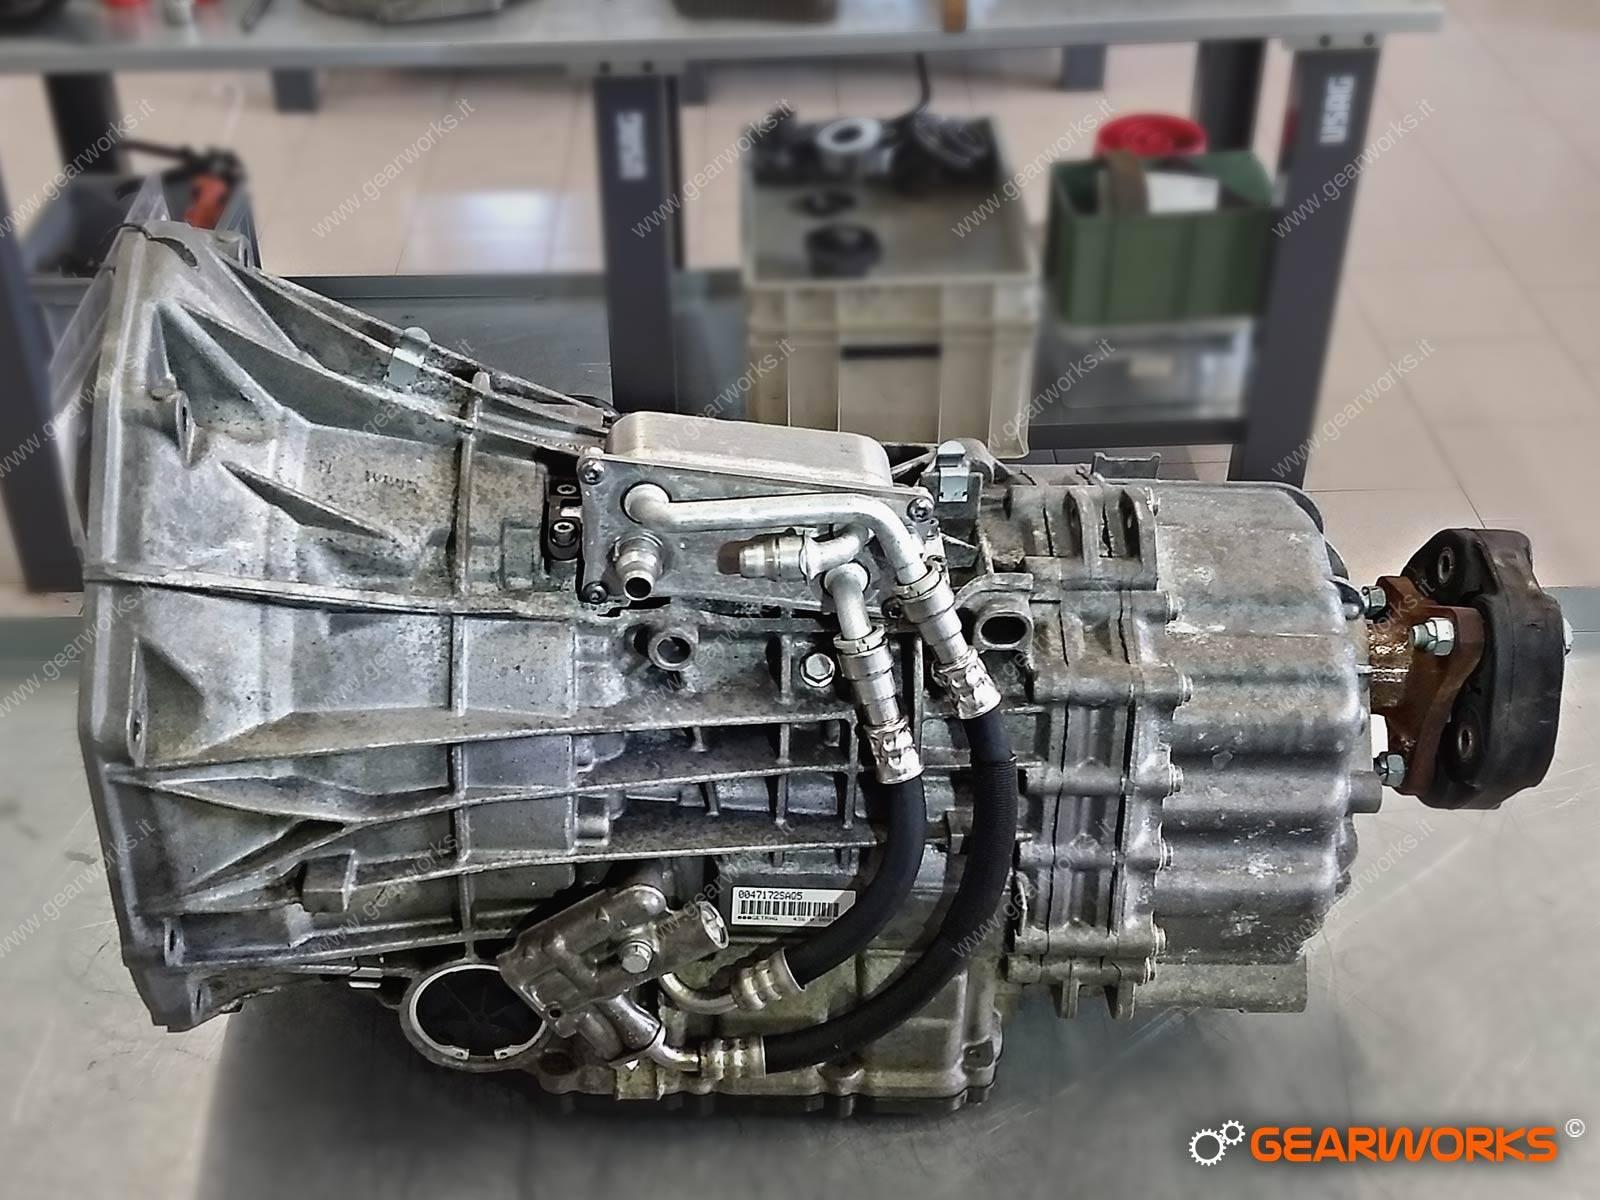 4.0, AUTOMATICO, BMW, BMW 135I, CAMBIO, centralina, FRIZIONI, GETRAG, GRATTANO, GRATTATE, GRUPPO VALVOLE, GS7D36SG, M3, M4, MARCE, MECCATRONICA, problemi, revisione, RICONDIZIONATO, Riparazione, V8, Z4